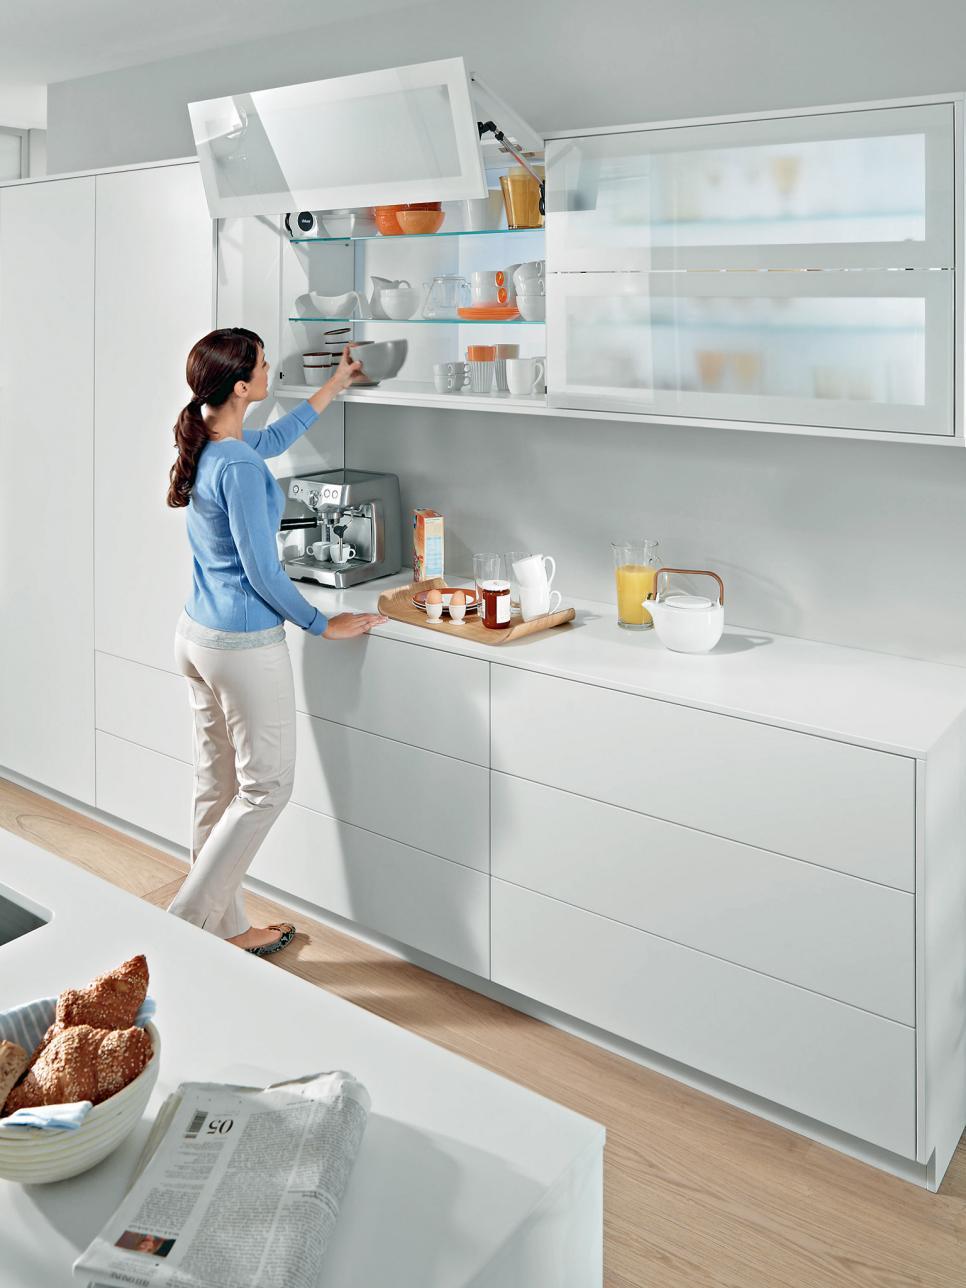 Kitchen cabinet color trends 2016 - Ci Blum_hydraulic Garage Door Kitchen Cabinets Jpg Rend